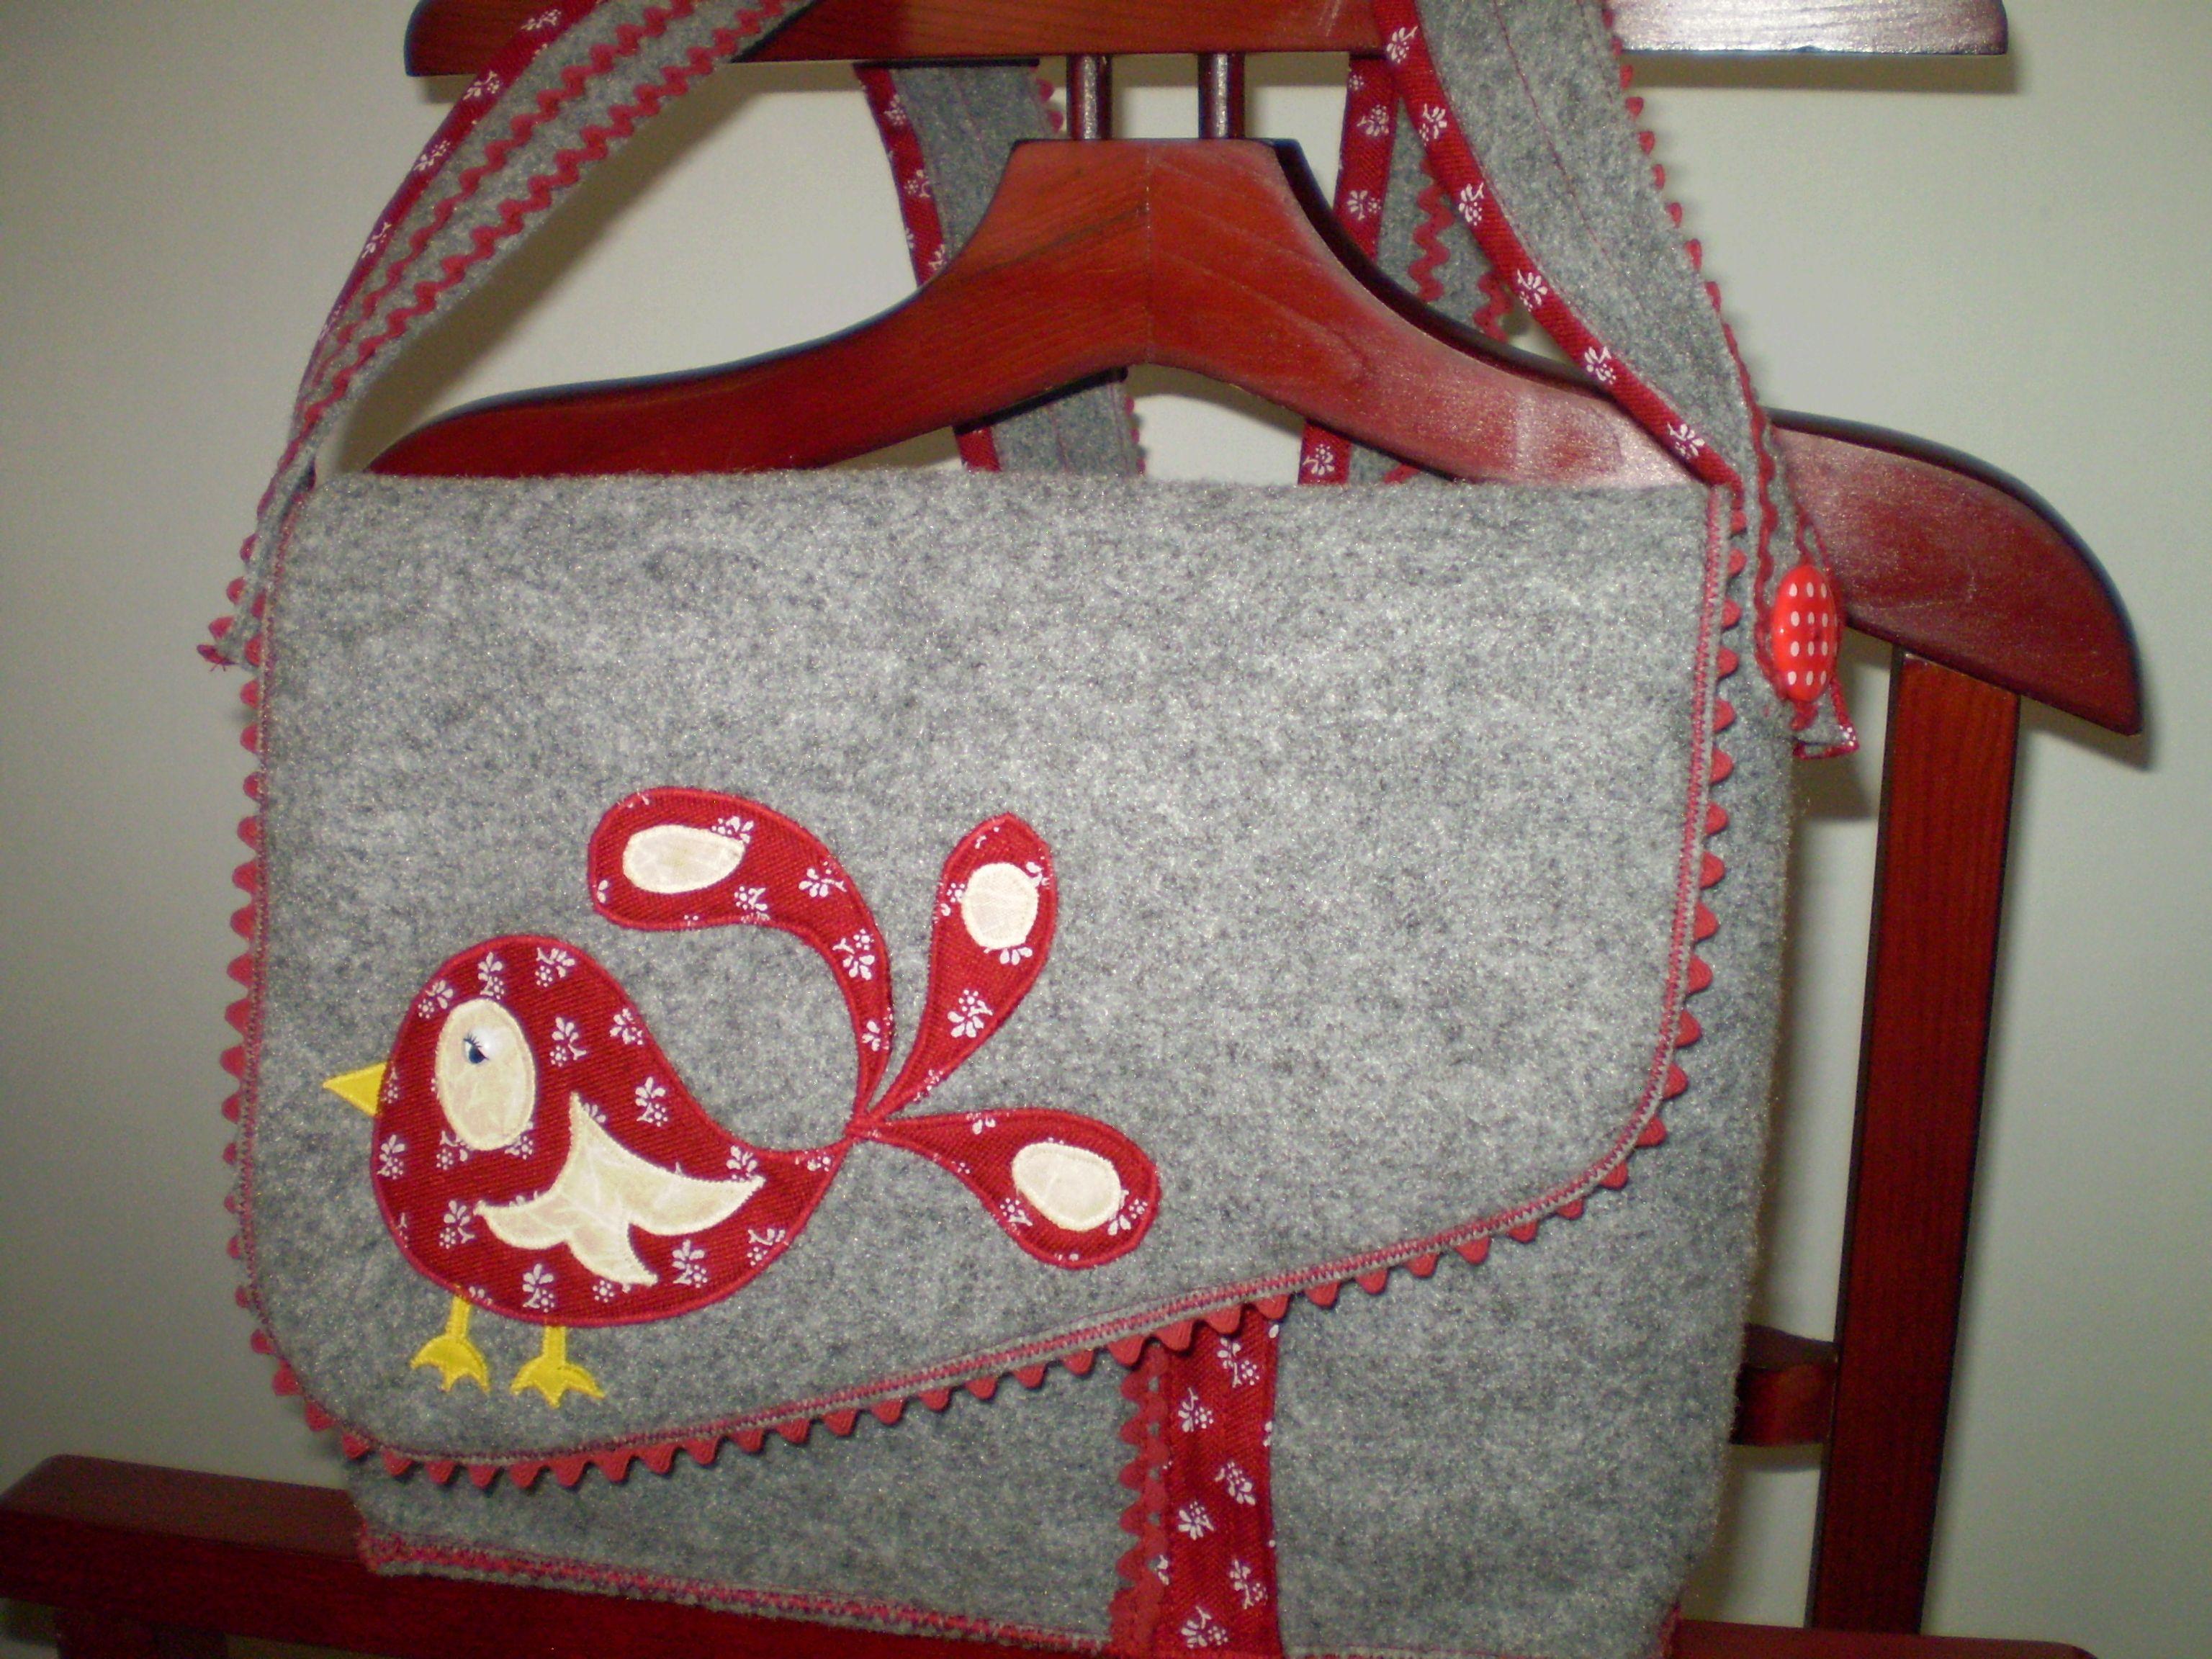 Bordó madárkás táska